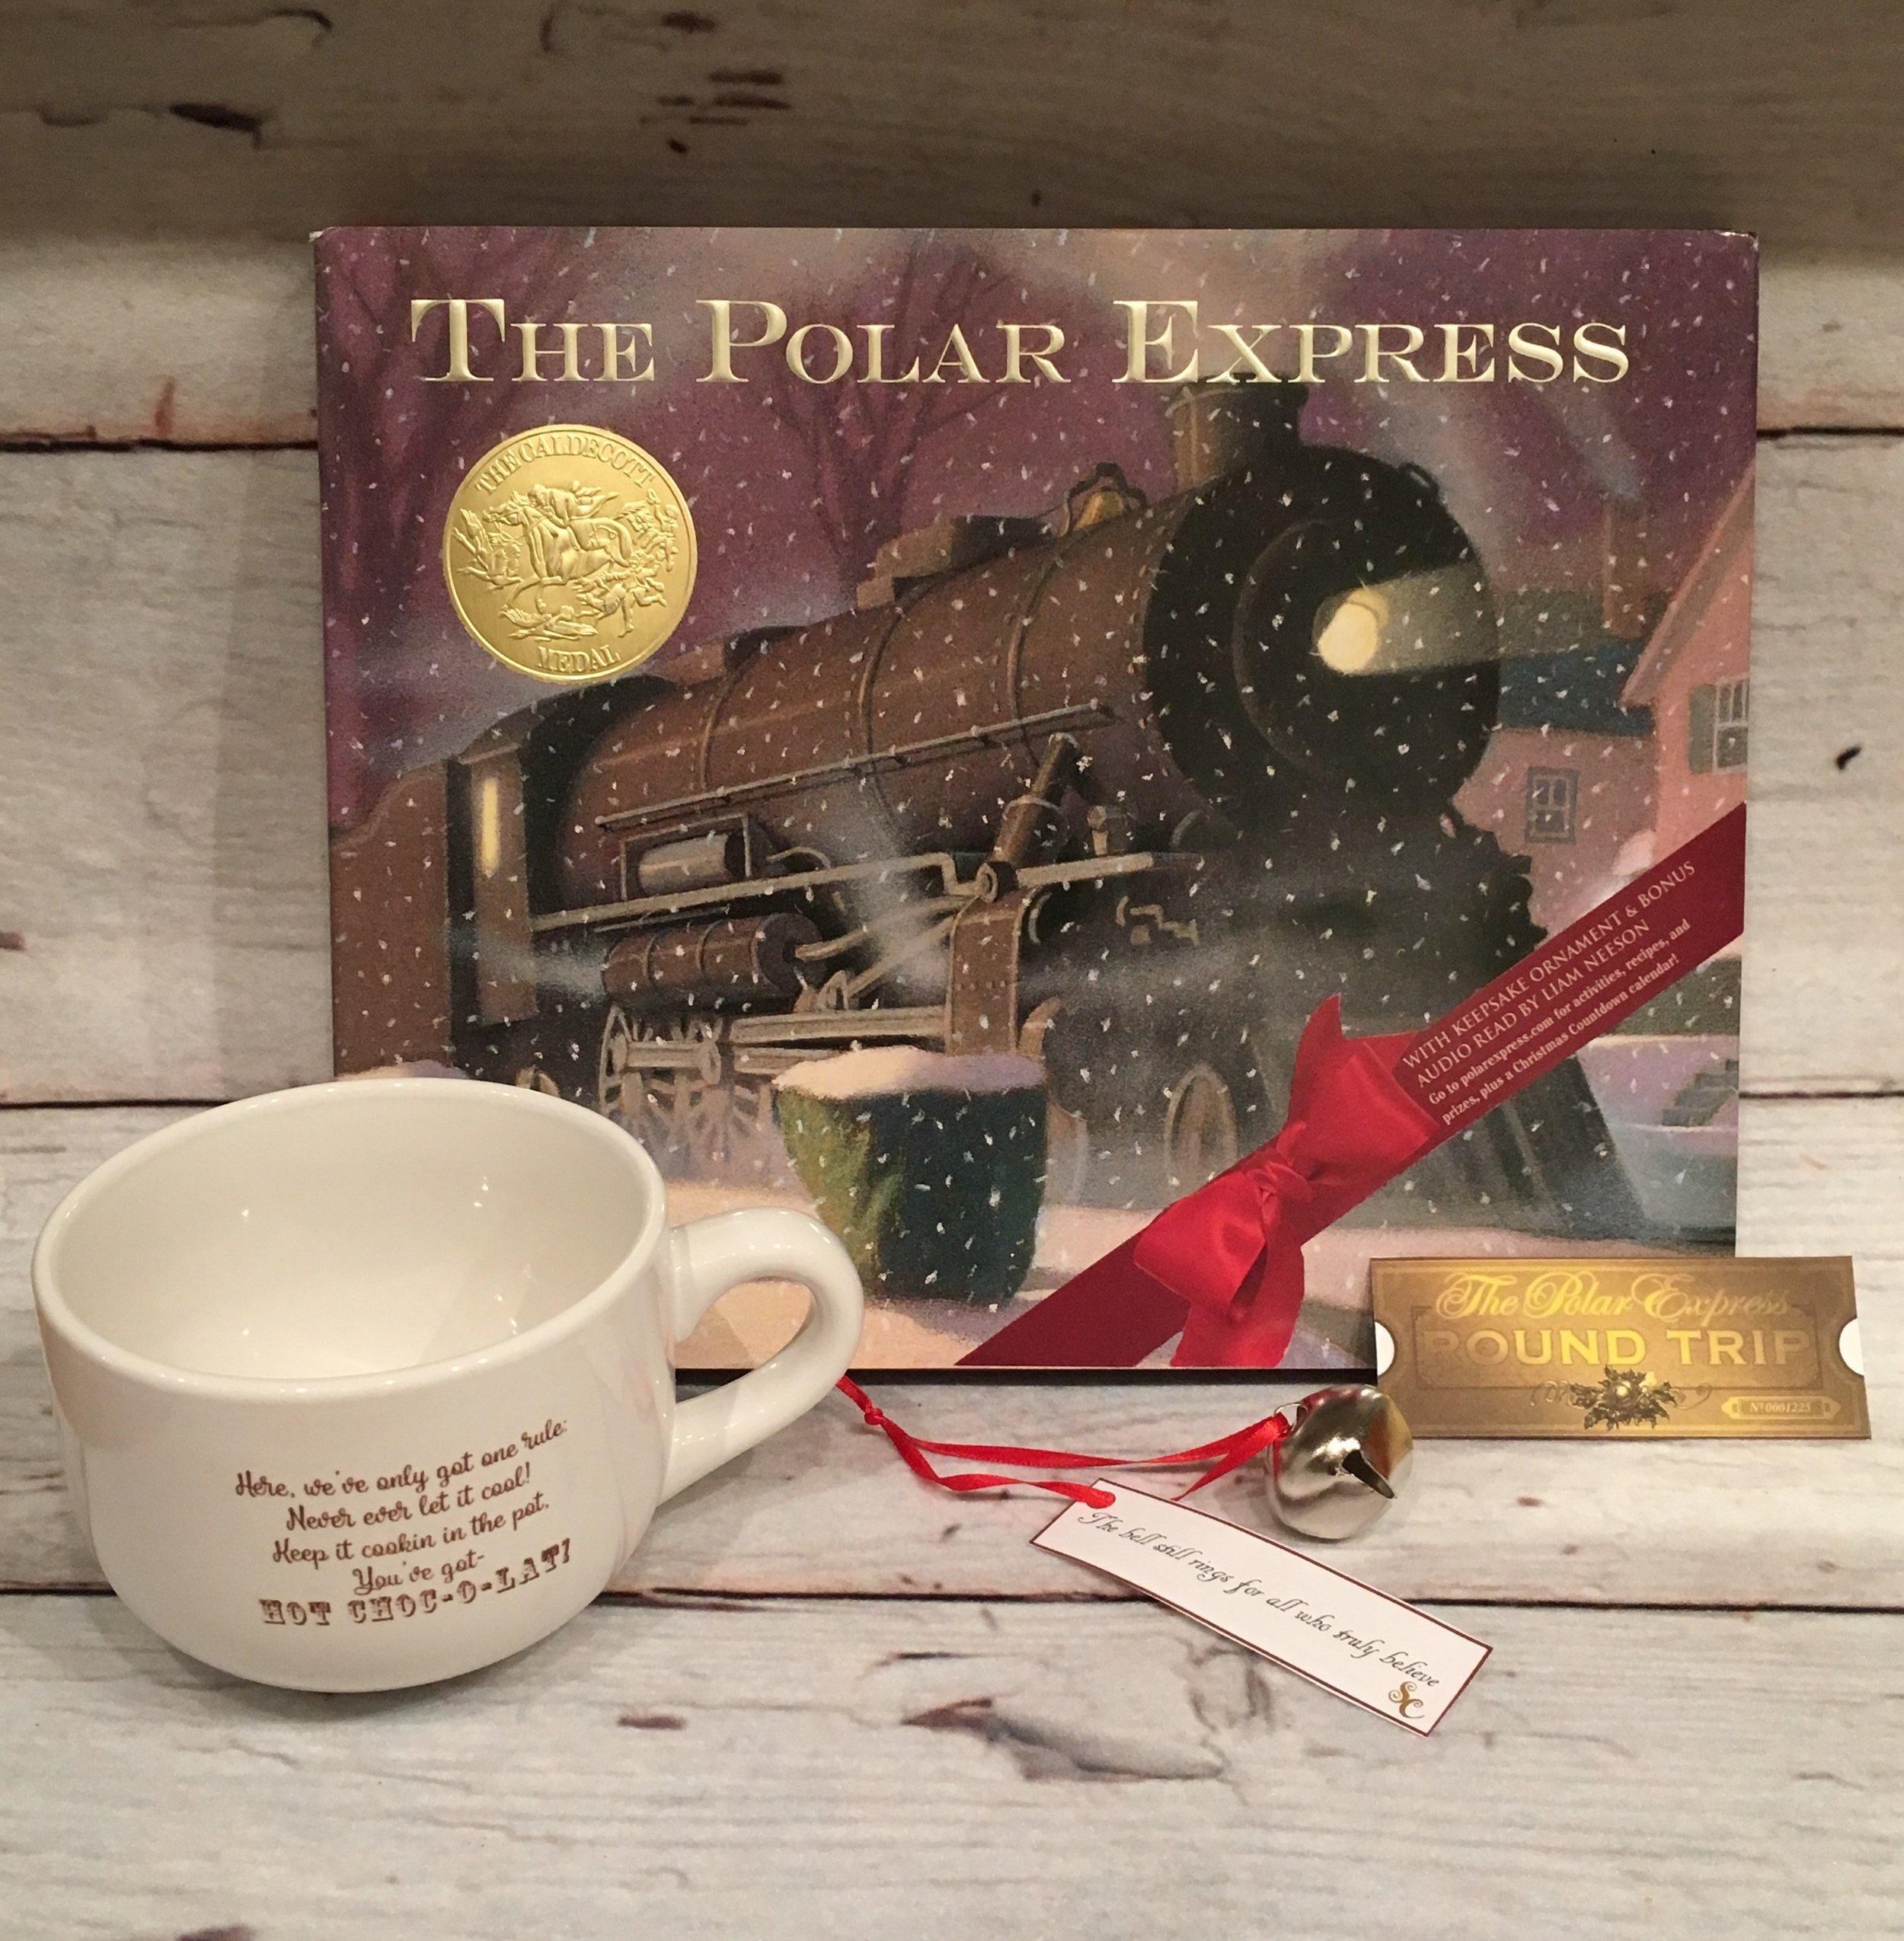 polar express gift set.jpg